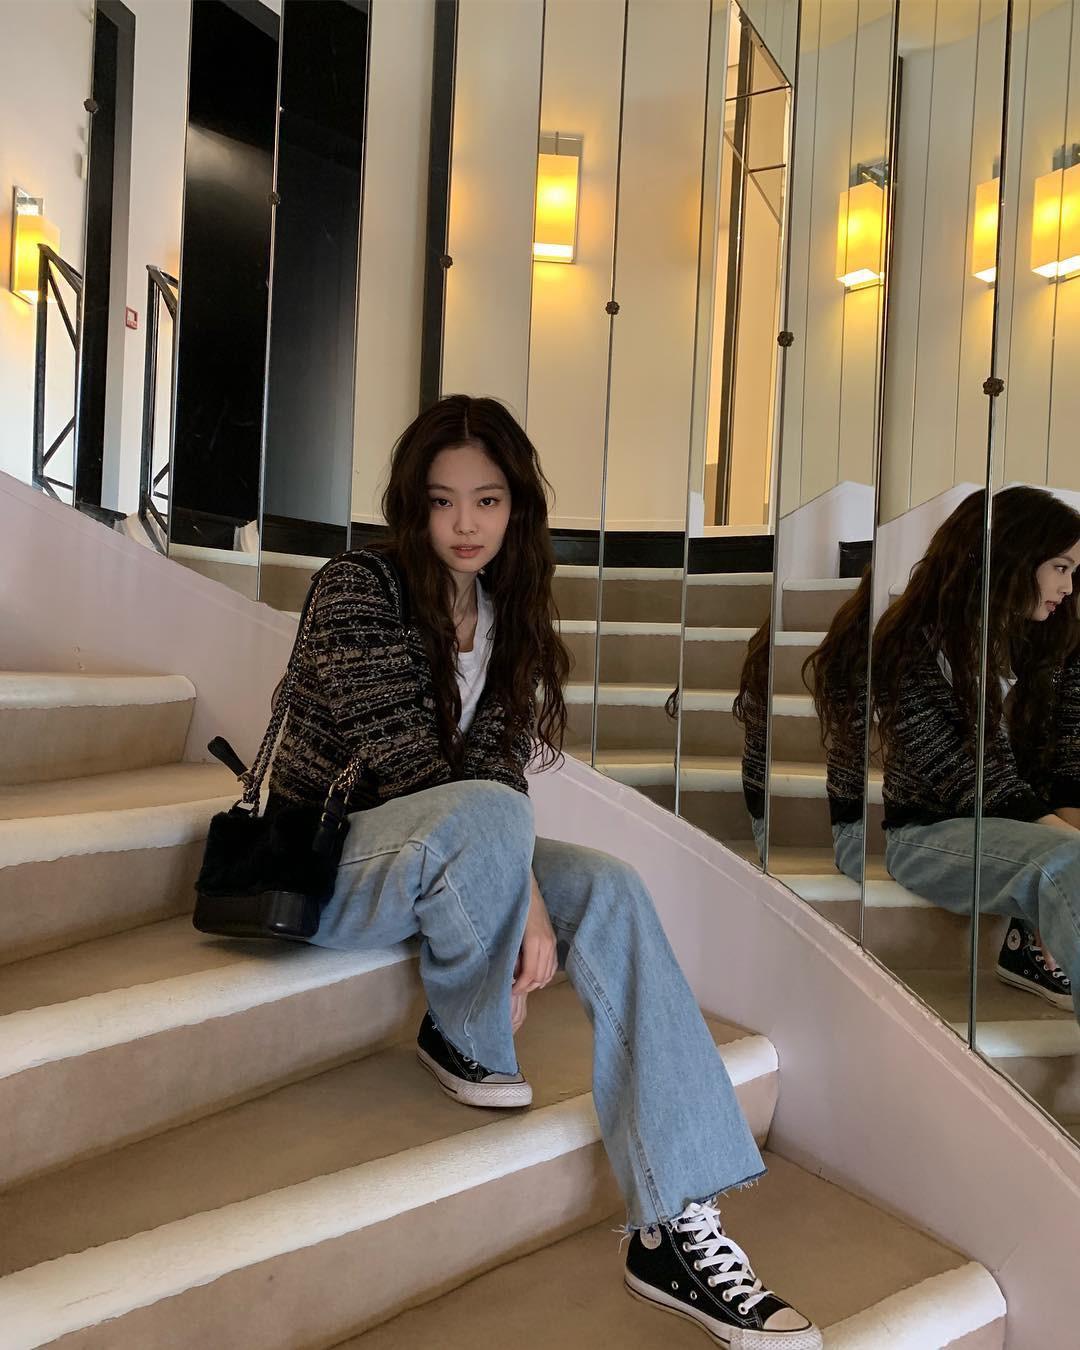 Tiết lộ thú vị về cây Chanel sống Jennie Kim: là đại sứ của Chanel nhưng không phải lúc nào cũng diện đồ chùa - Ảnh 3.